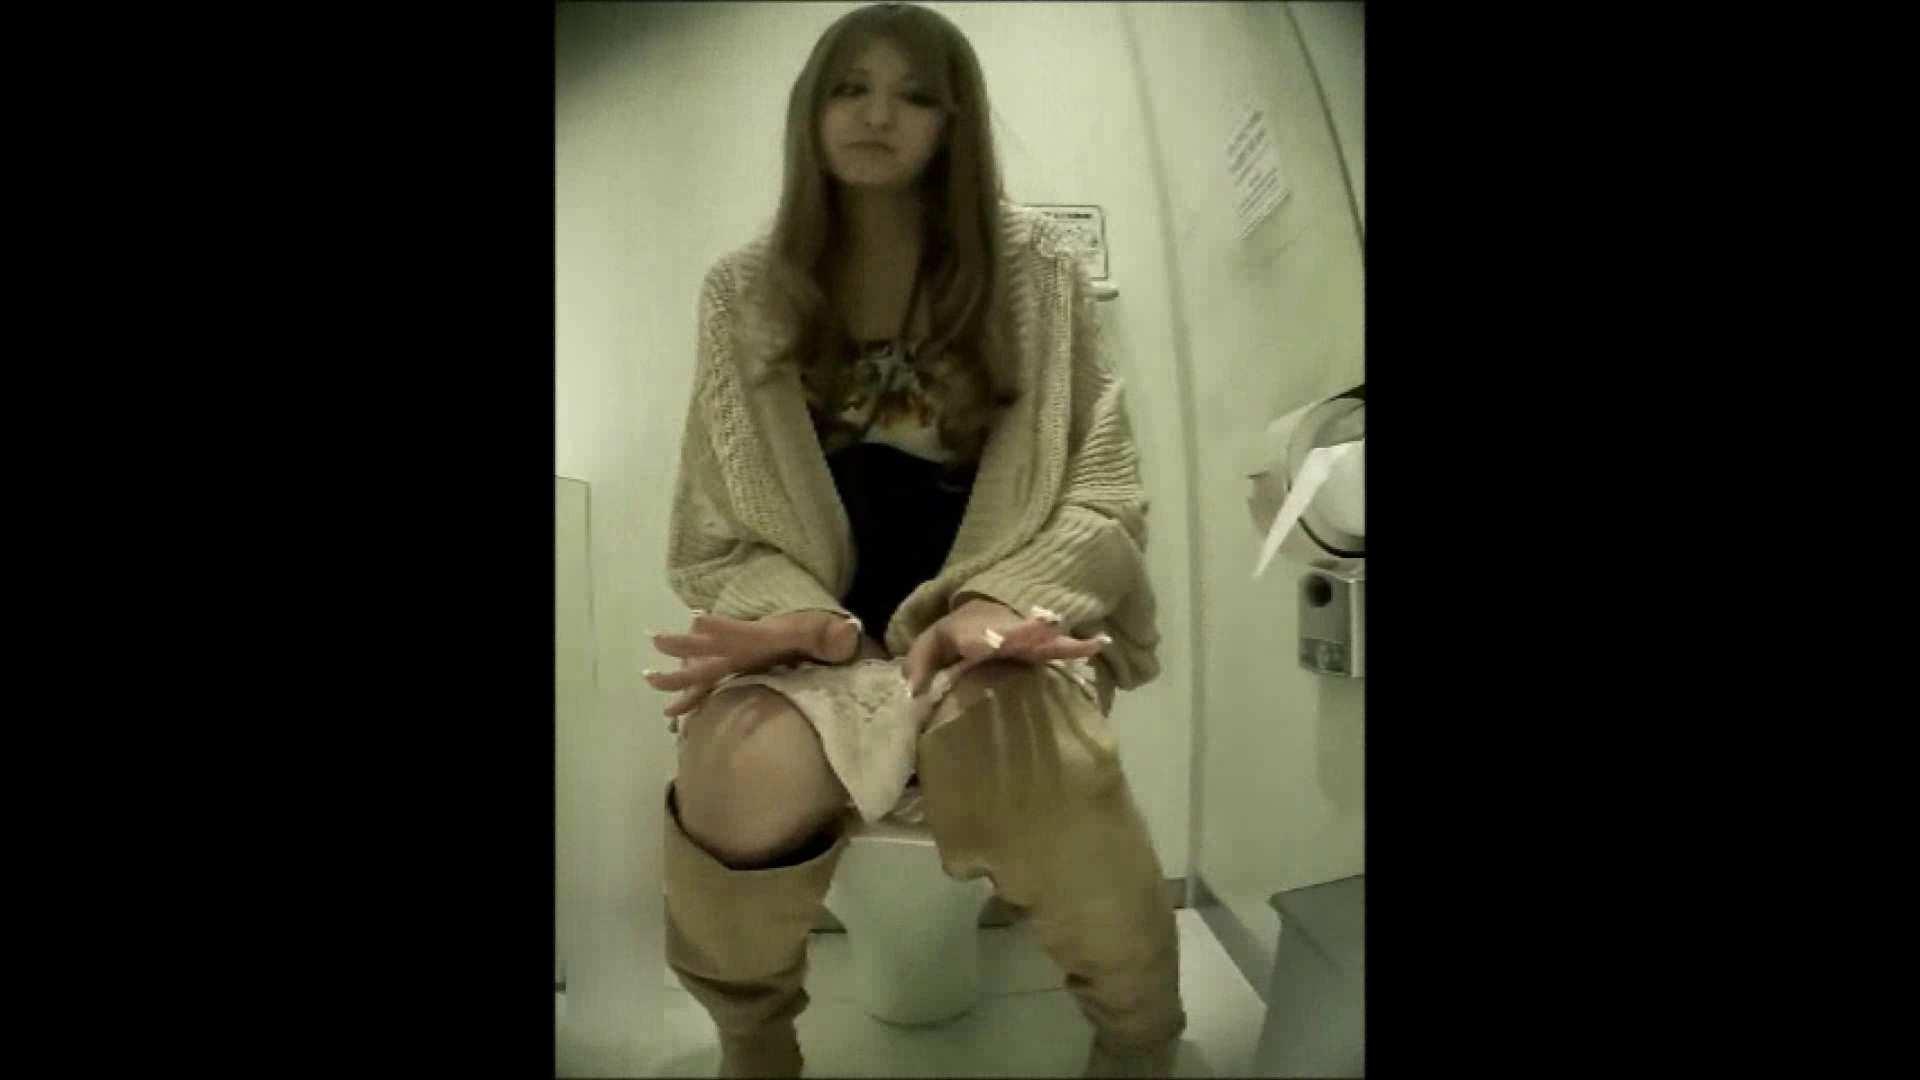 洗面所盗撮~隣の美人お姉さんVol.13 洗面所突入 オマンコ無修正動画無料 94pic 86